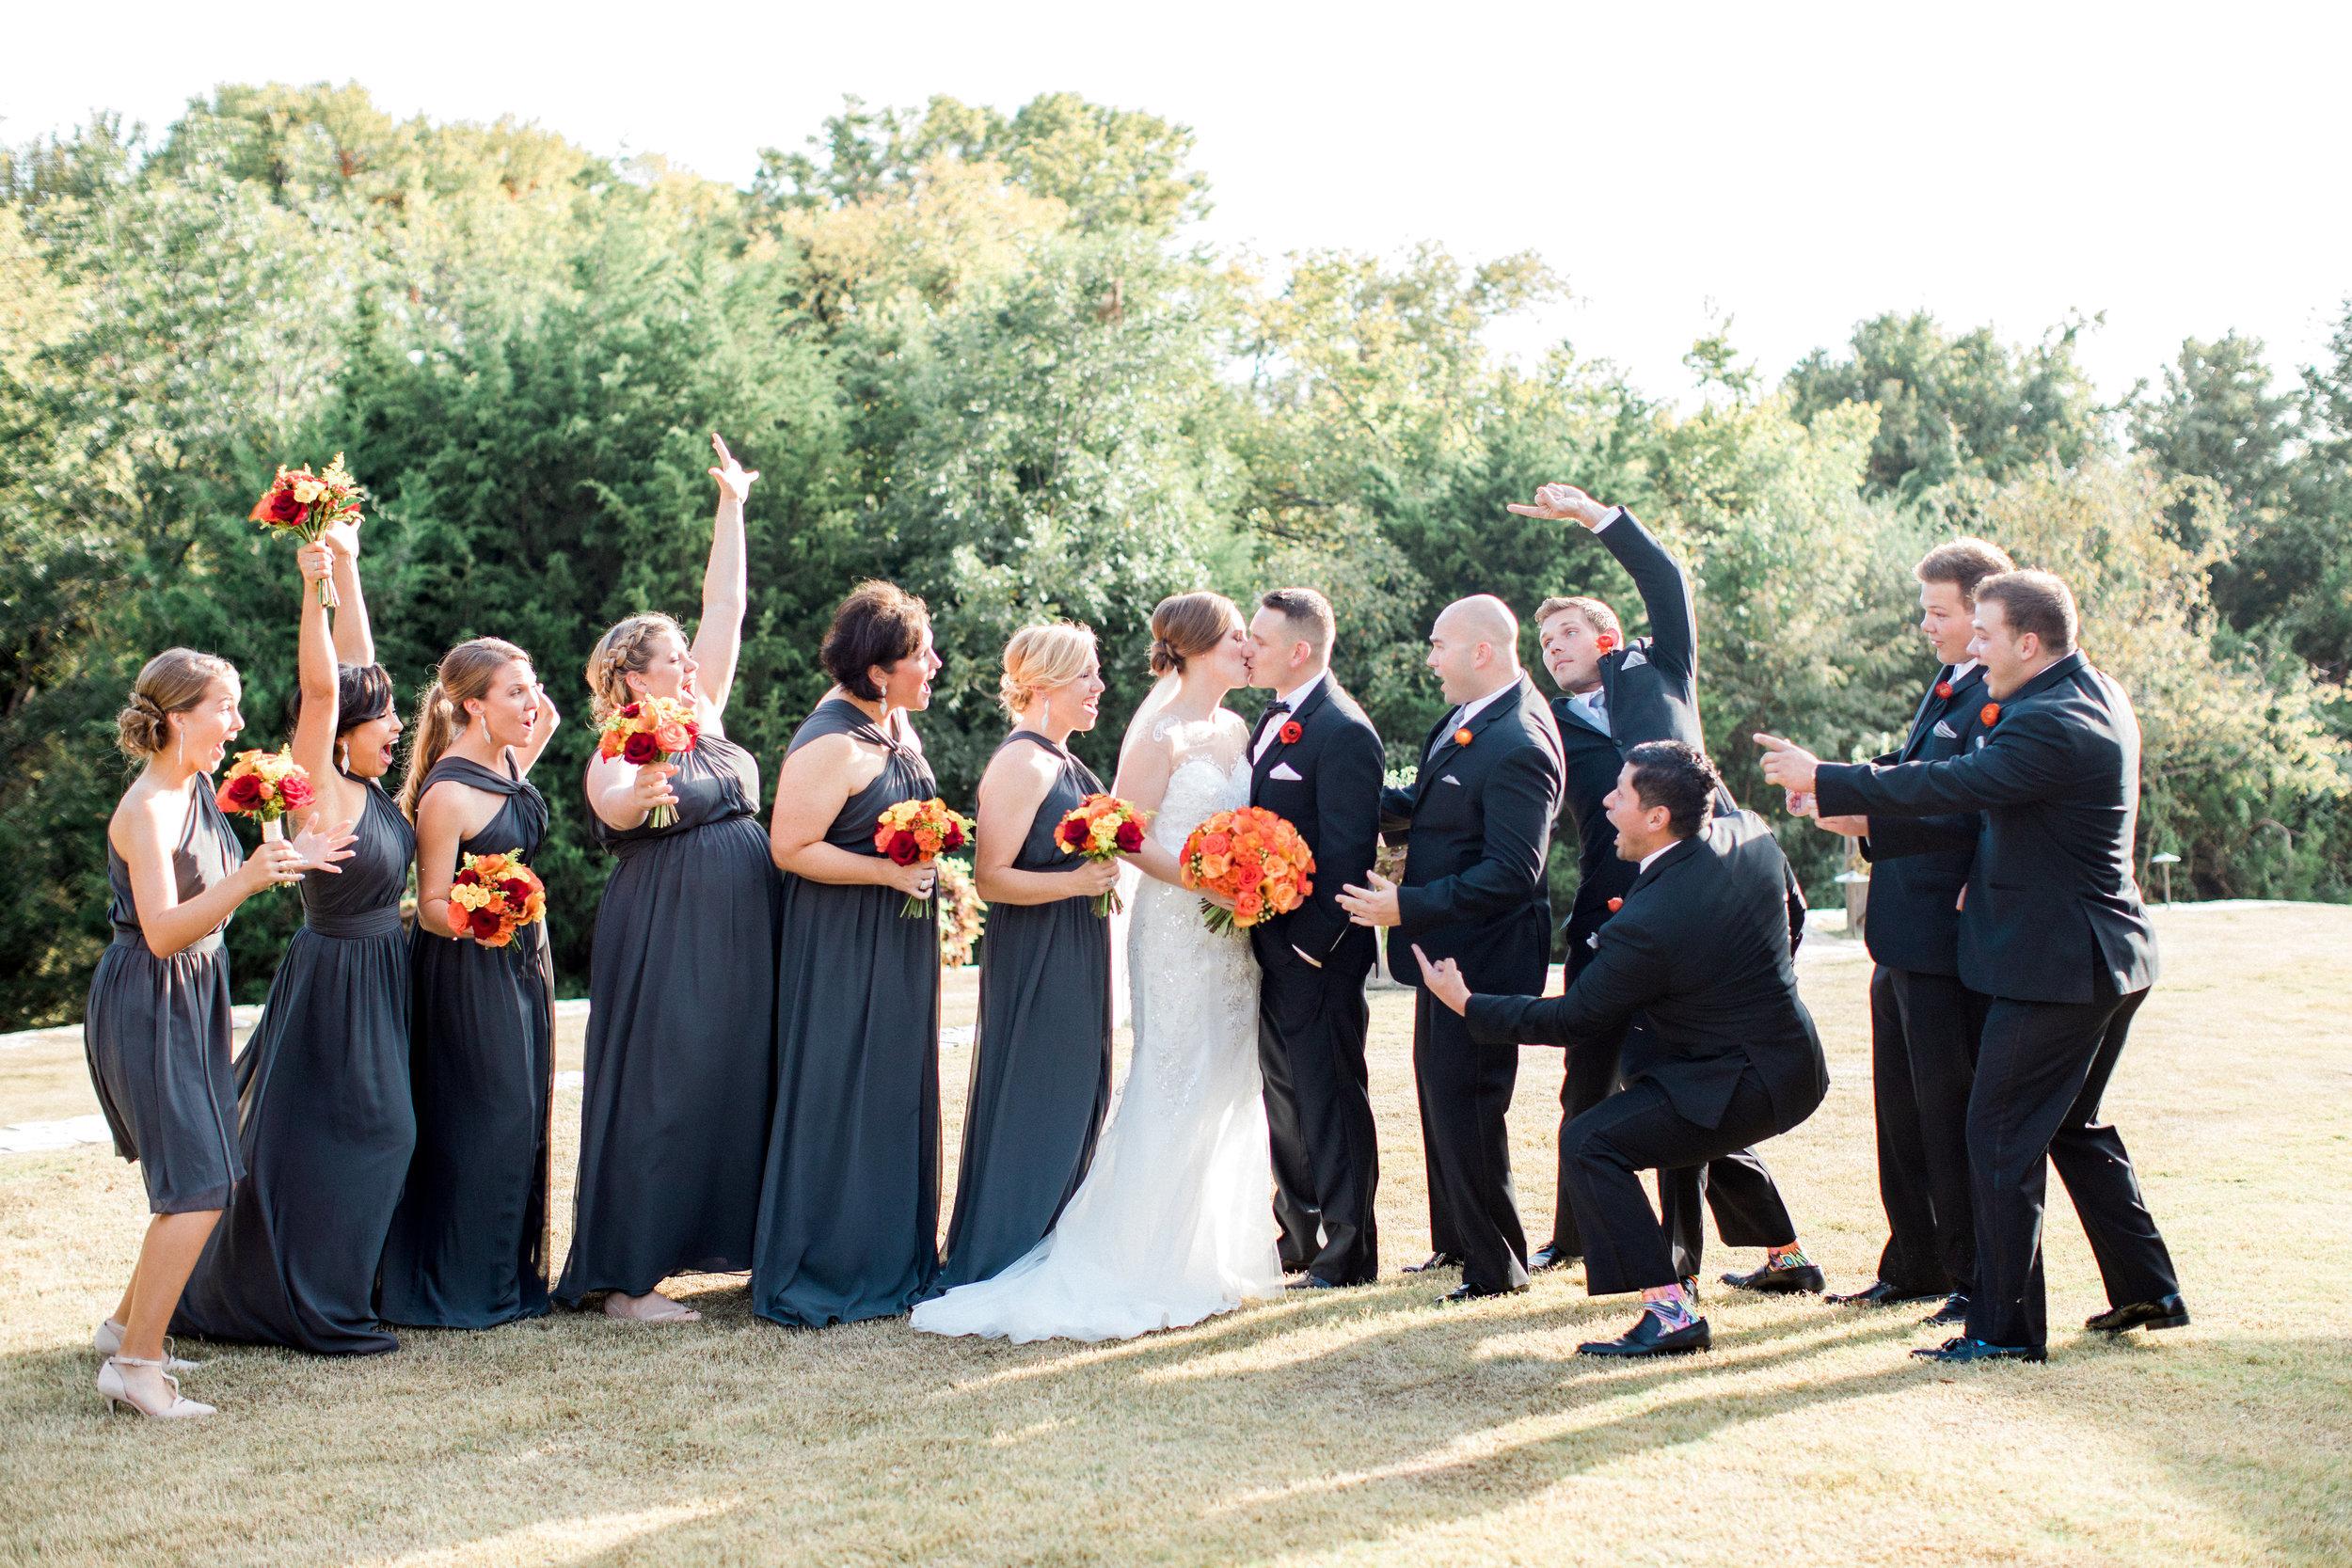 LittrellWedding_WeddingParty-3.jpg